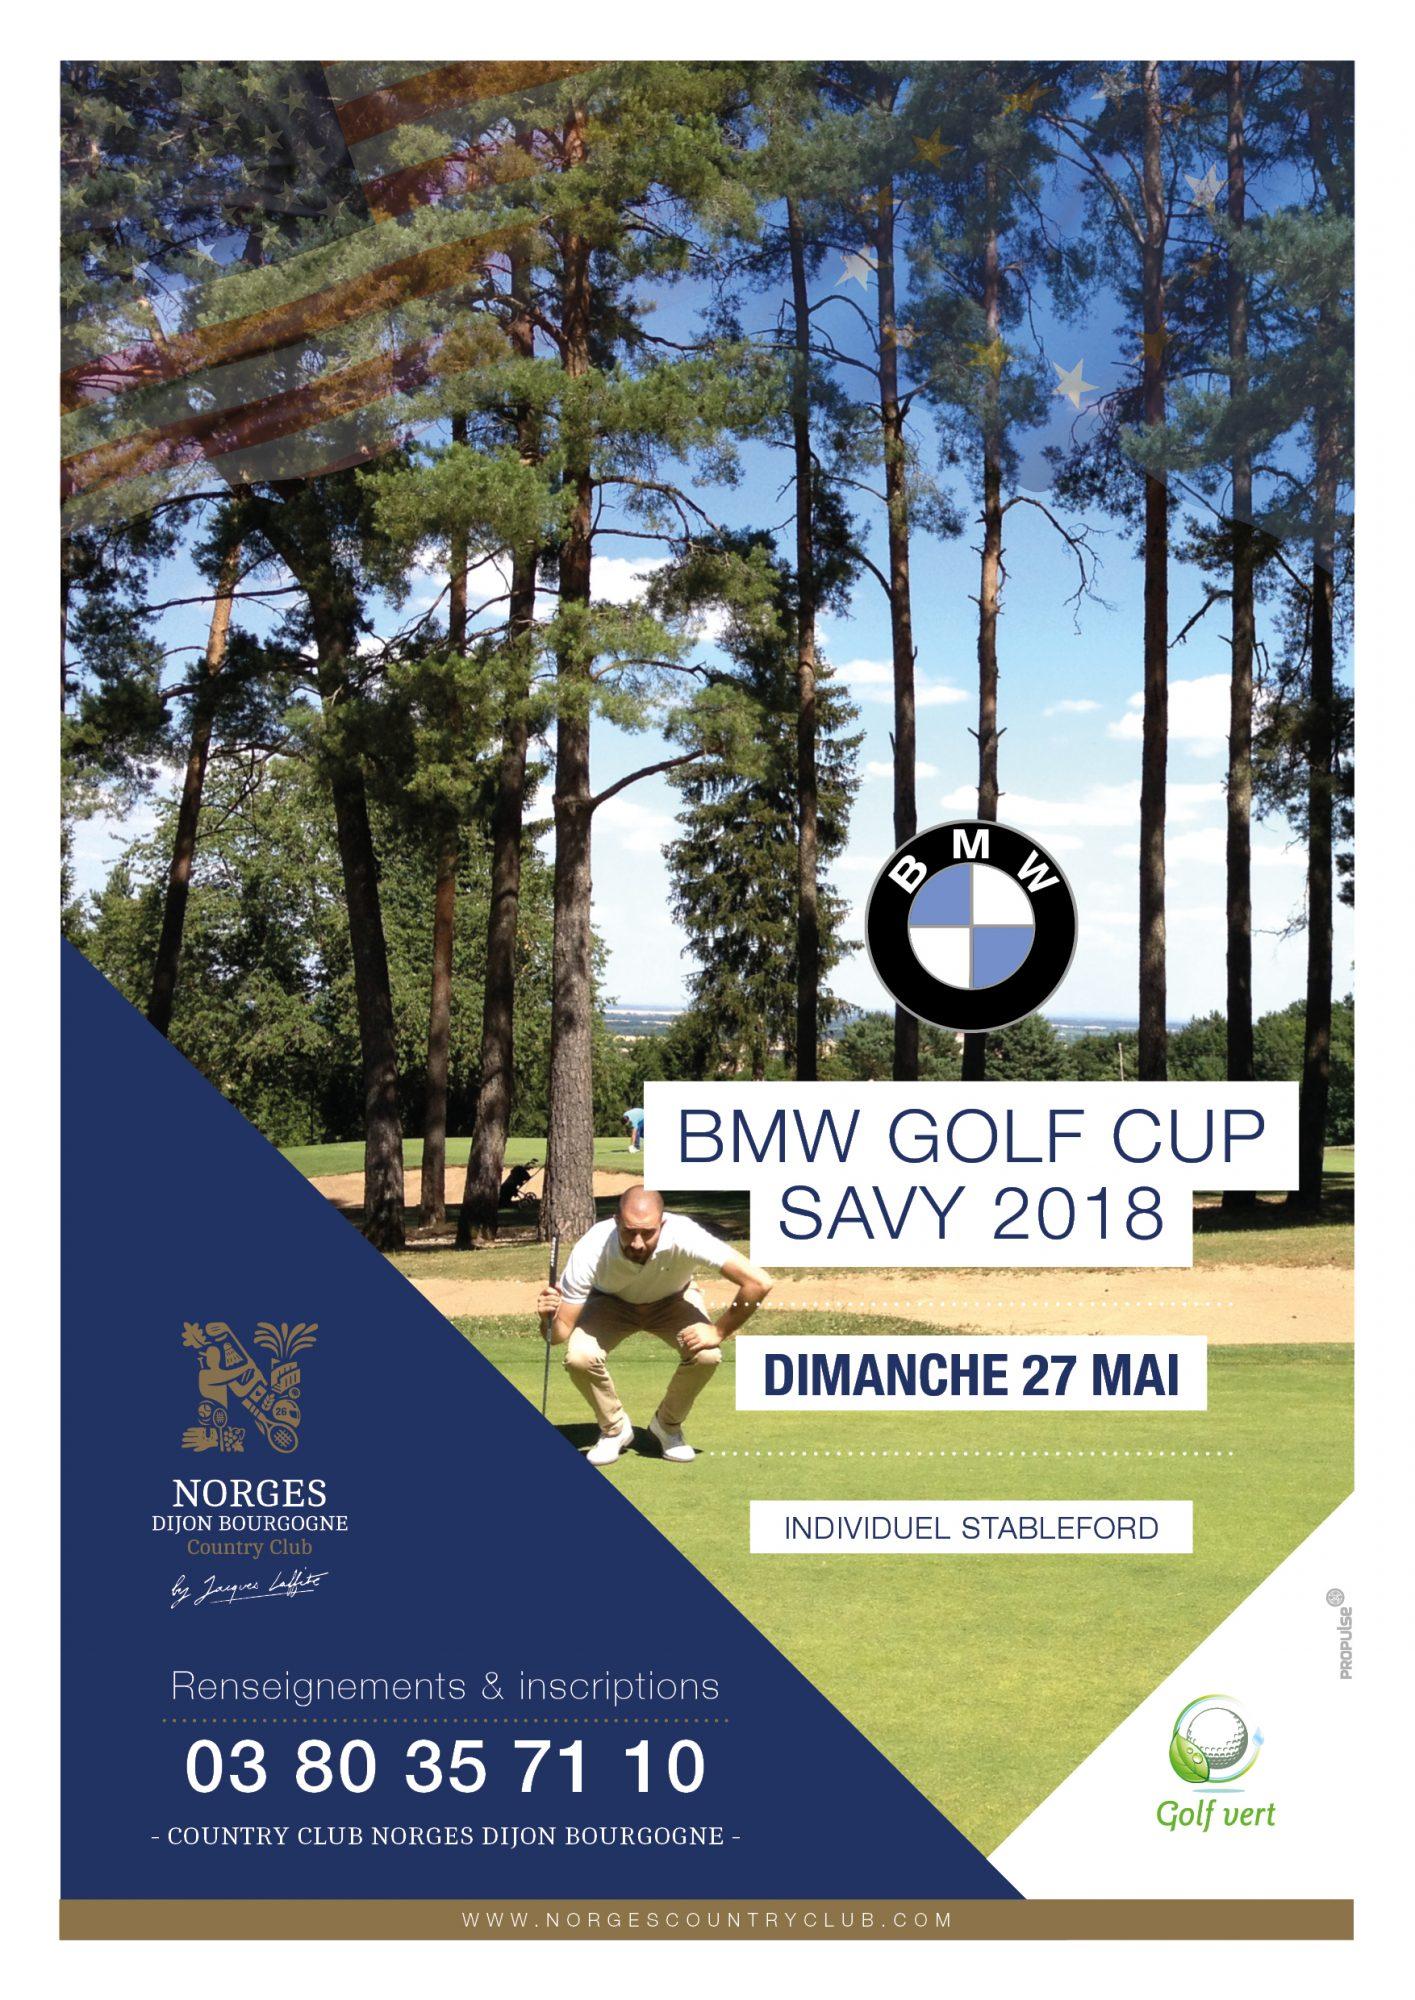 BMW Golf Cup Savy 2018